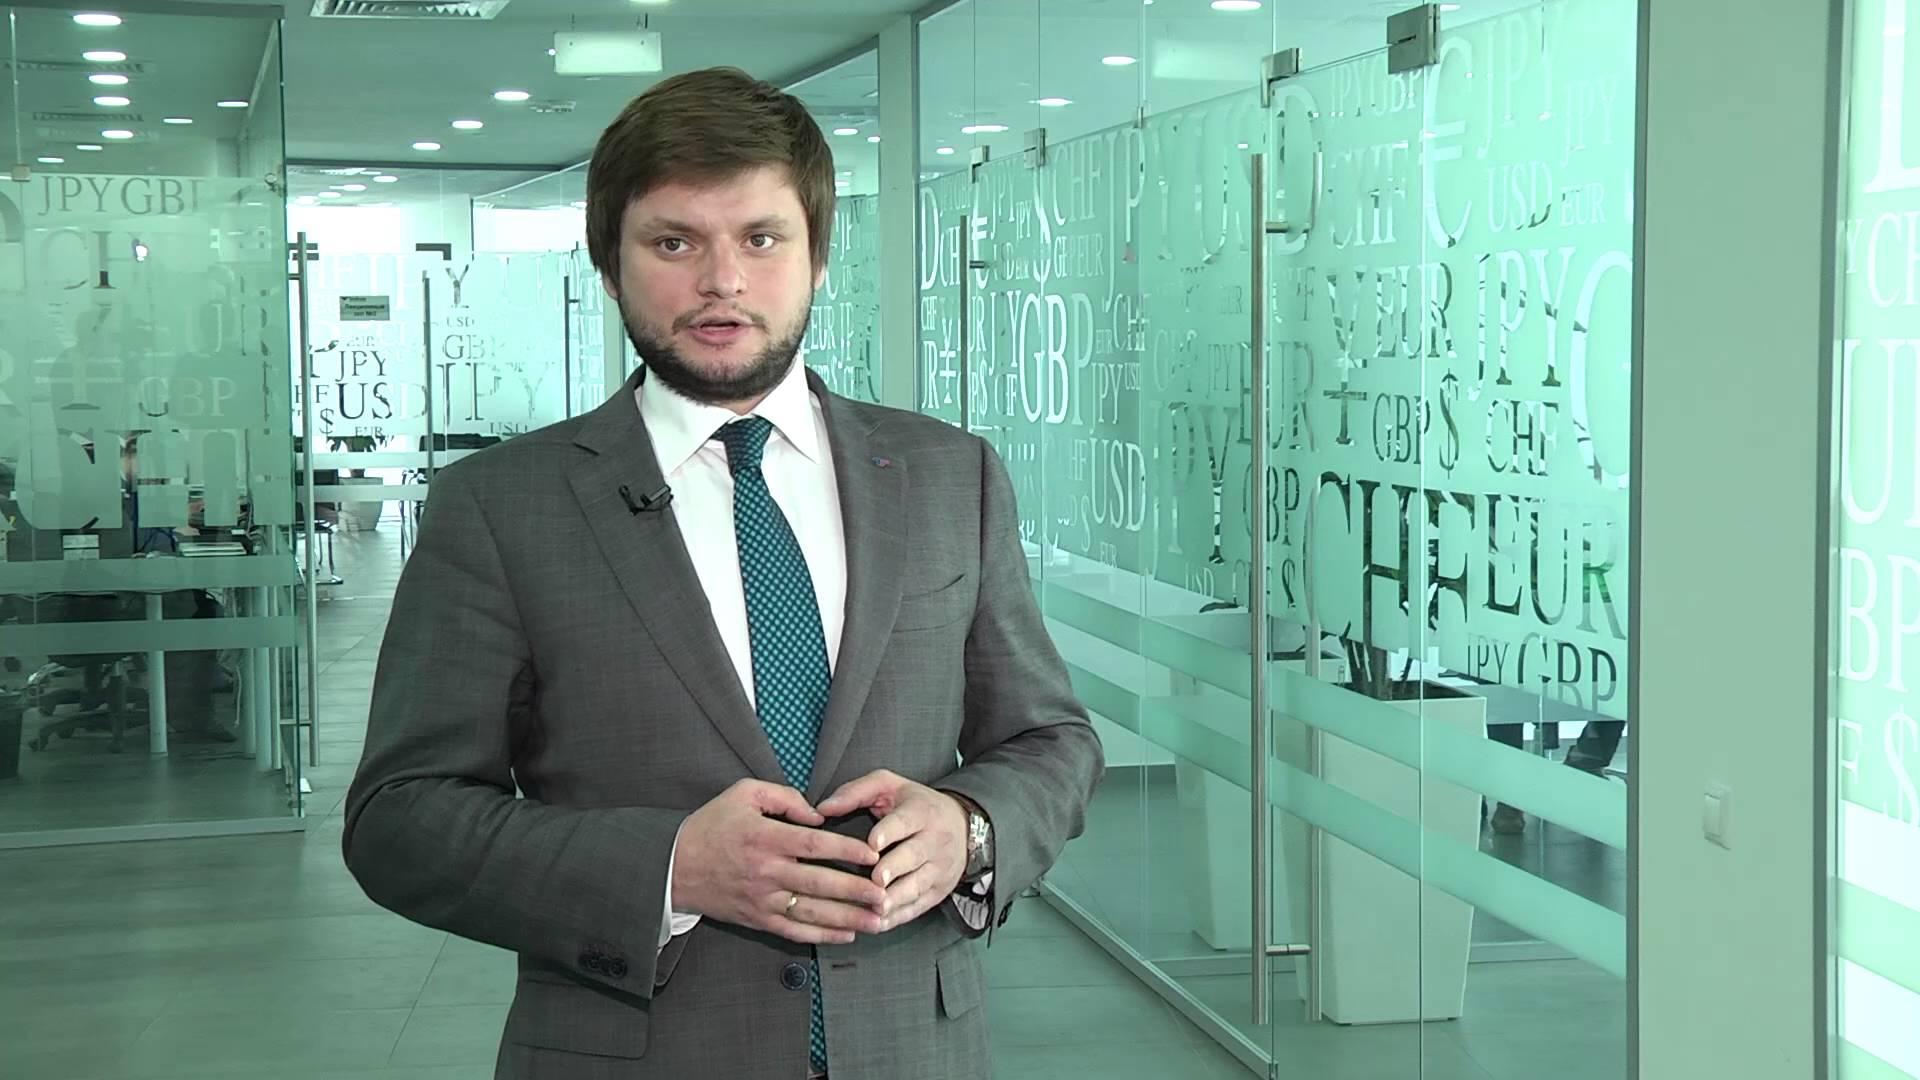 Виде-отзыв о работе в ТелеТрейд от сотрудника Евгения Герасима